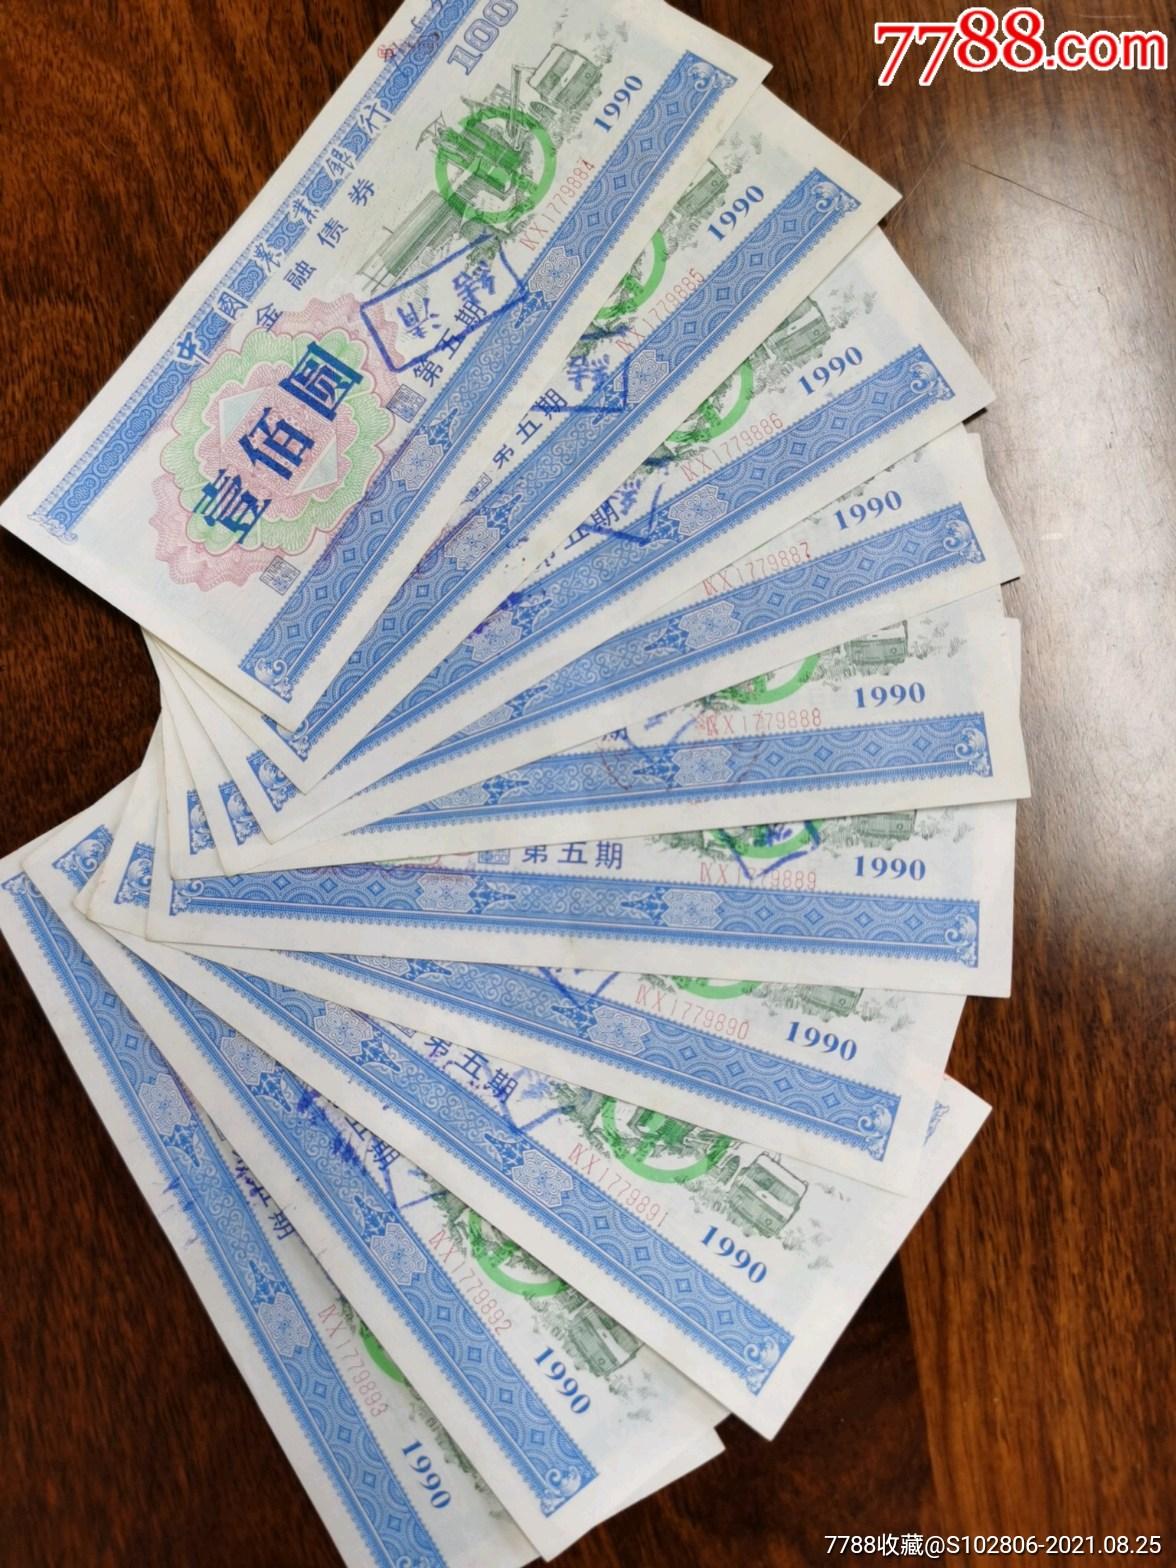 存世較少-中國農業銀行金融債券1990年,3枚成套,30套一起拍_價格850元_第9張_